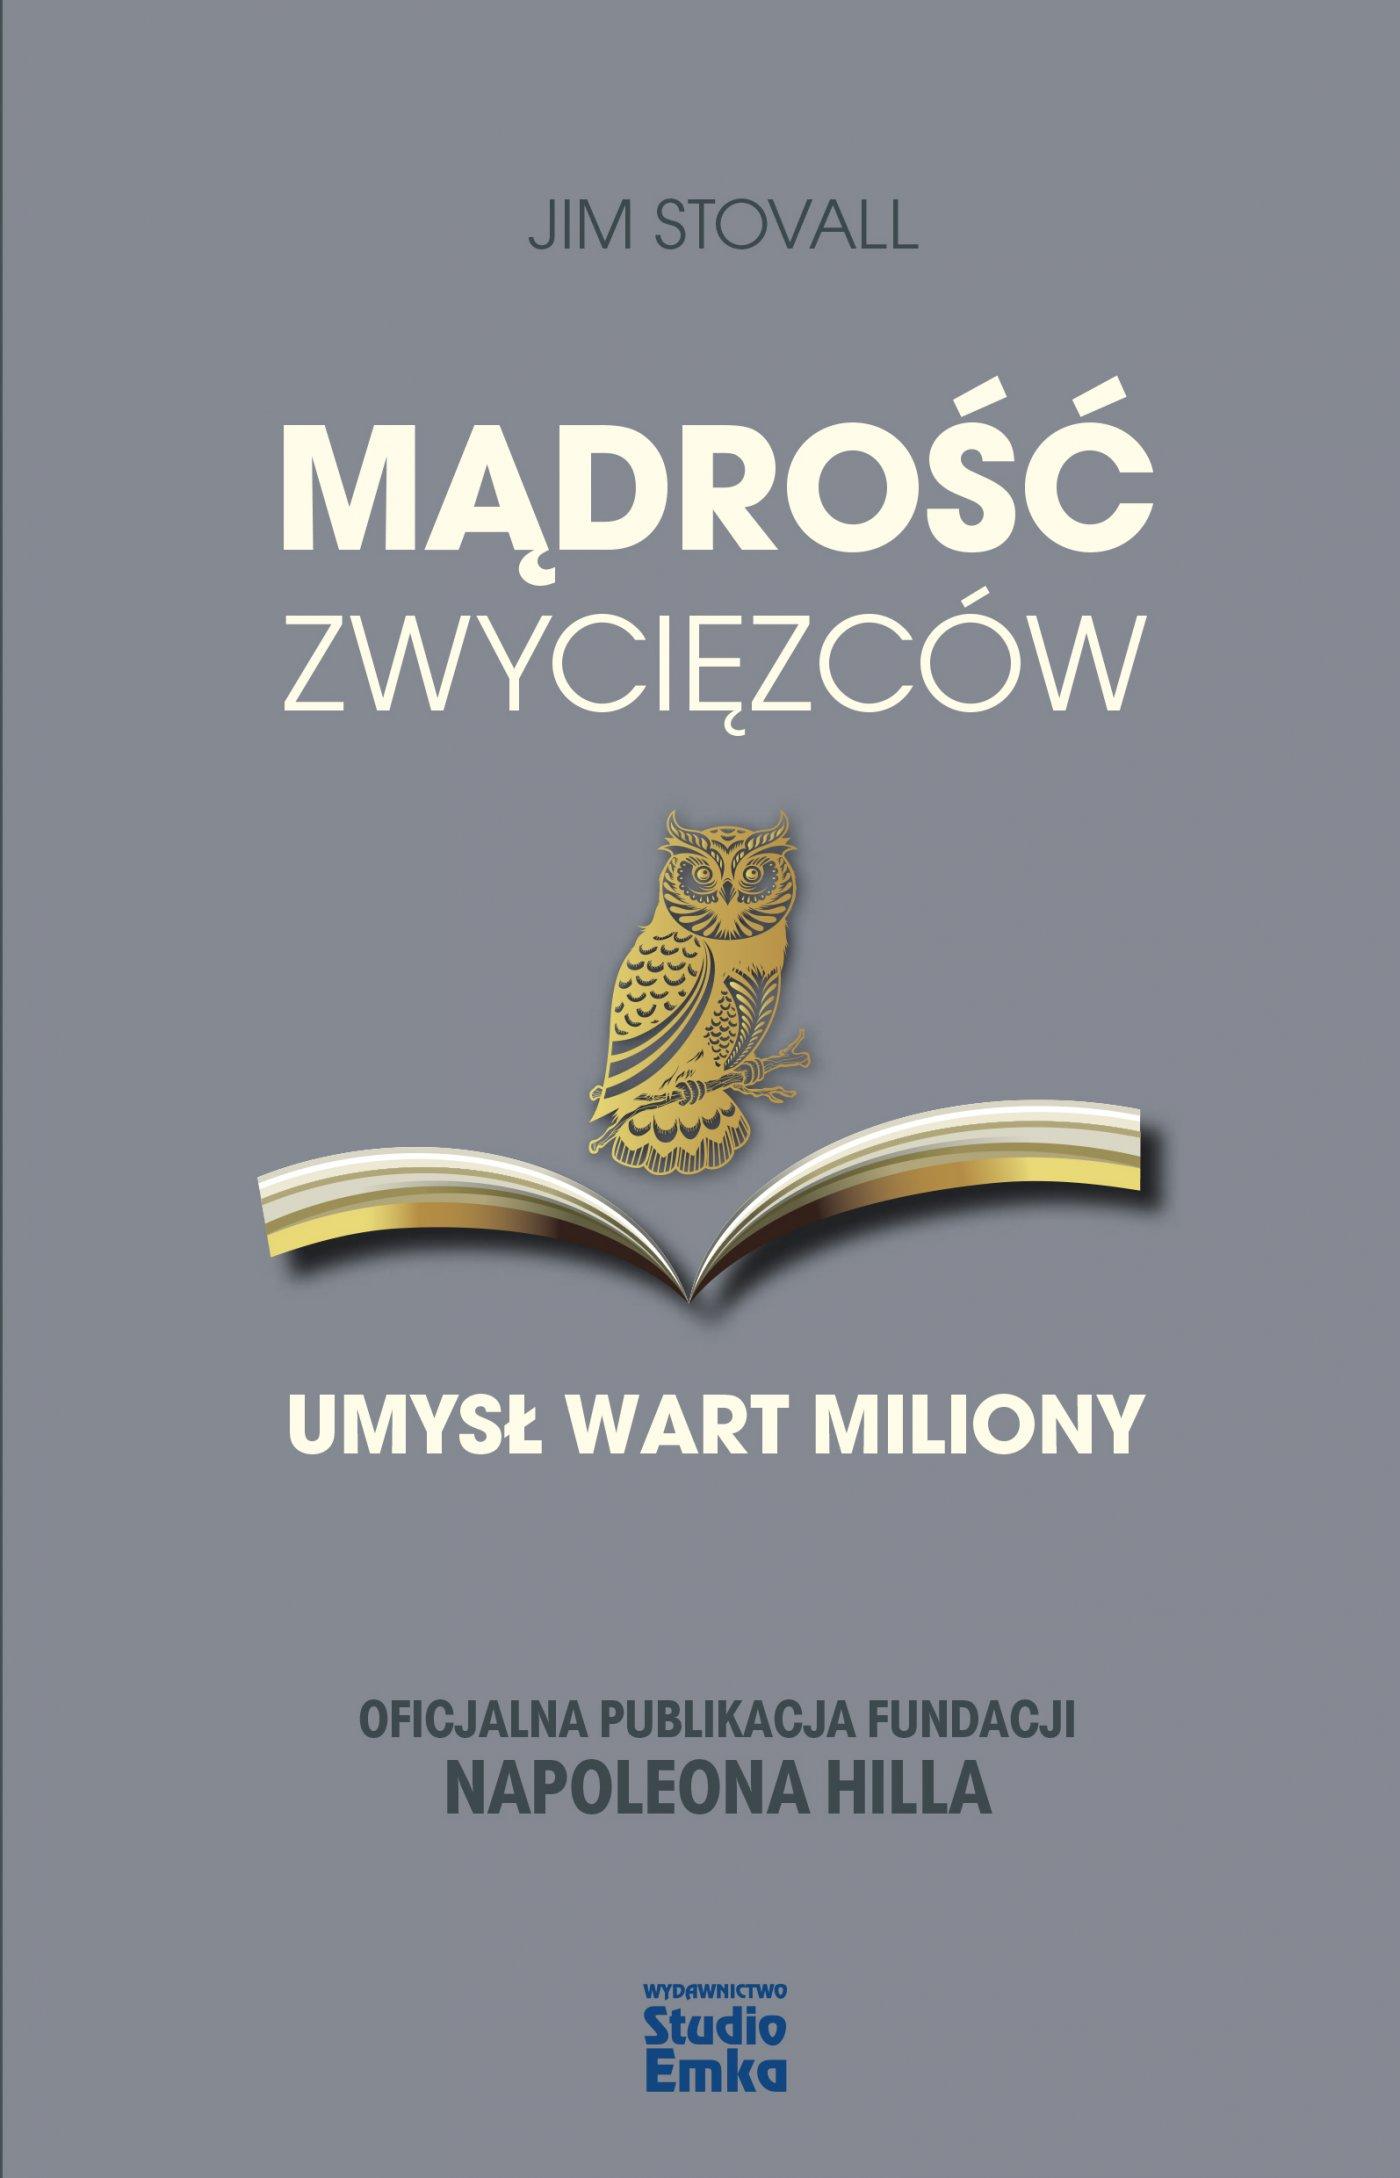 Mądrość zwycięzców. Umysł wart miliony - Ebook (Książka EPUB) do pobrania w formacie EPUB